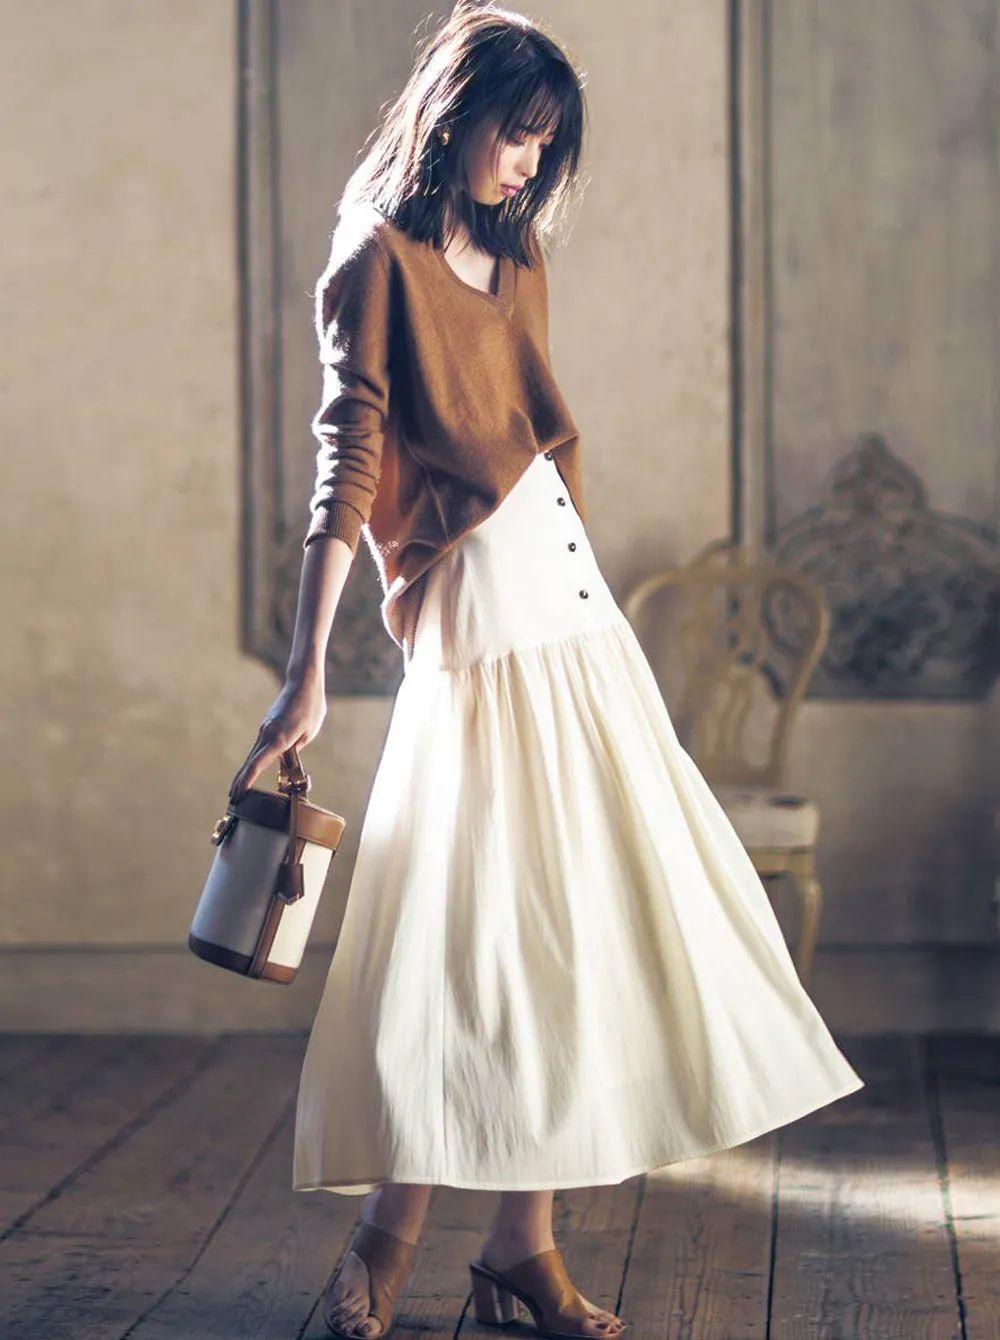 Áo len cơ bản là loại áo len cổ tròn, cổ chữ V, đồng màu và có kích thước vừa phải. Thường thì khi mặc kiểu áo này một mình có thể cảm thấy kém thời trang nhưng sau khi kết hợp với chân váy thì lại rất nữ tính và điệu đà. Đặc biệt là những chiếc chân váy với chất liệu và thiết kế đặc biệt sẽ khiến cả set đồ trông đắt giá và cao cấp hơn.